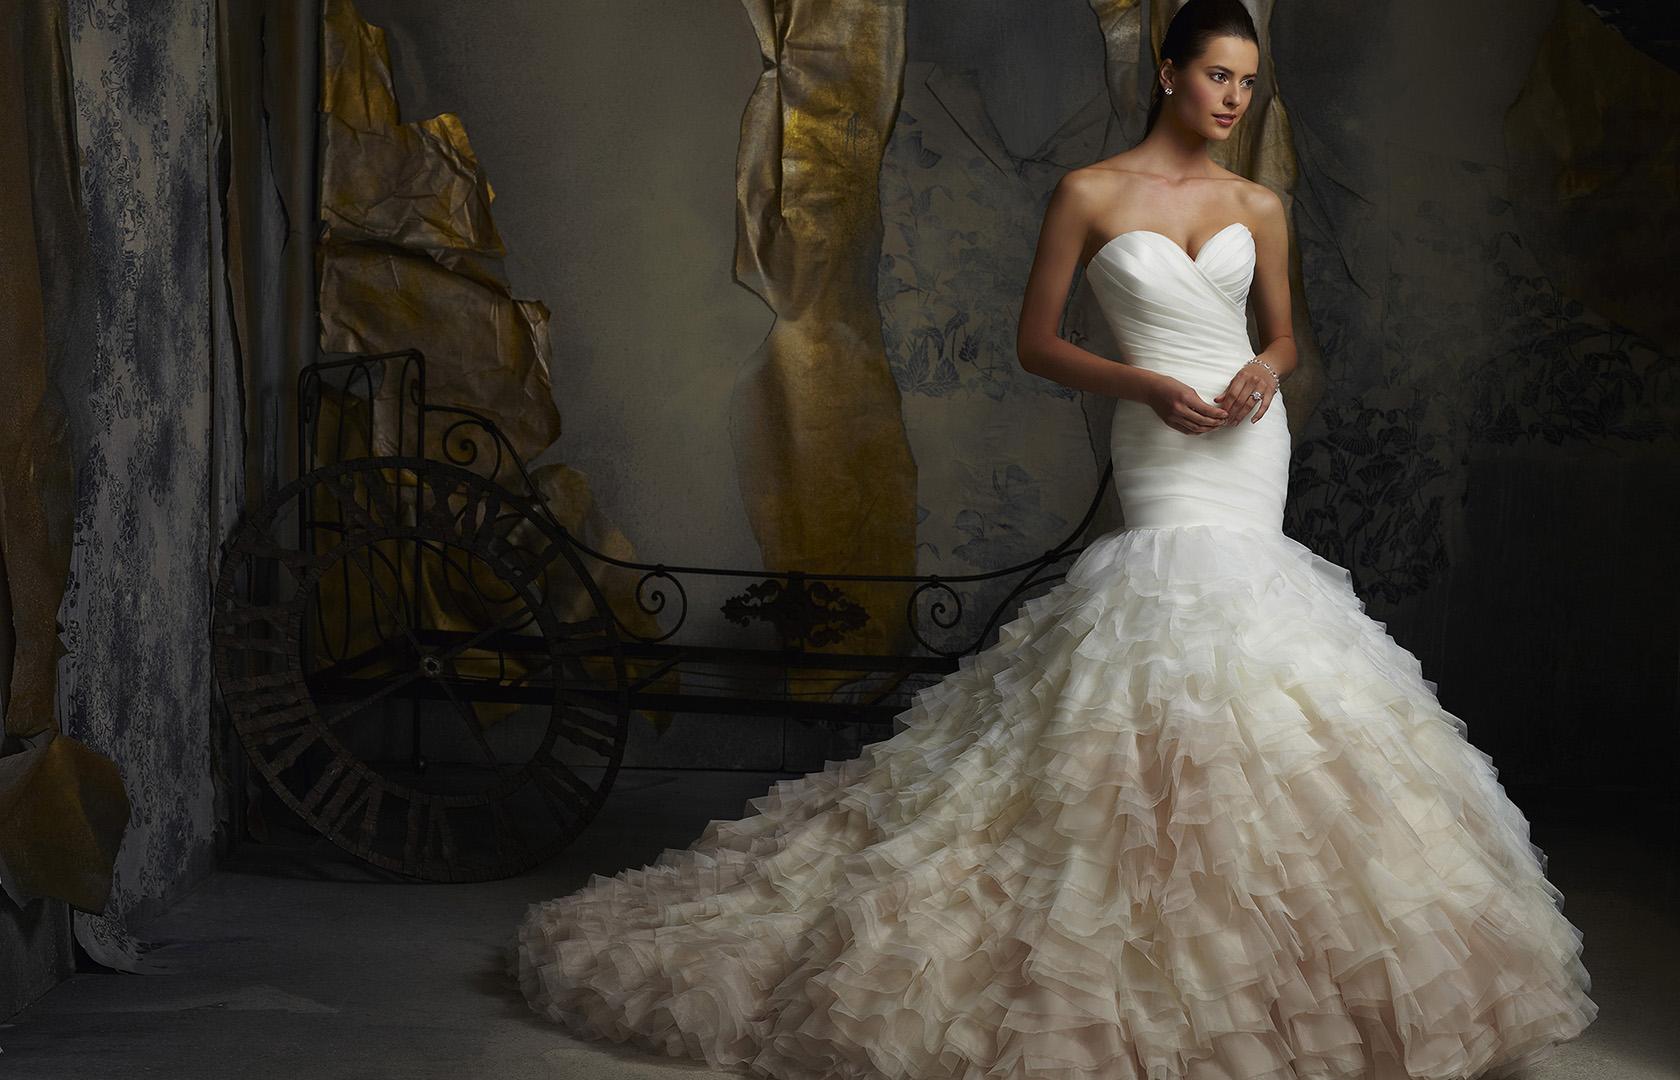 161ea02486 Esküvői ruha szalon, esküvői ruha kölcsönzés, esküvői ruhák ...